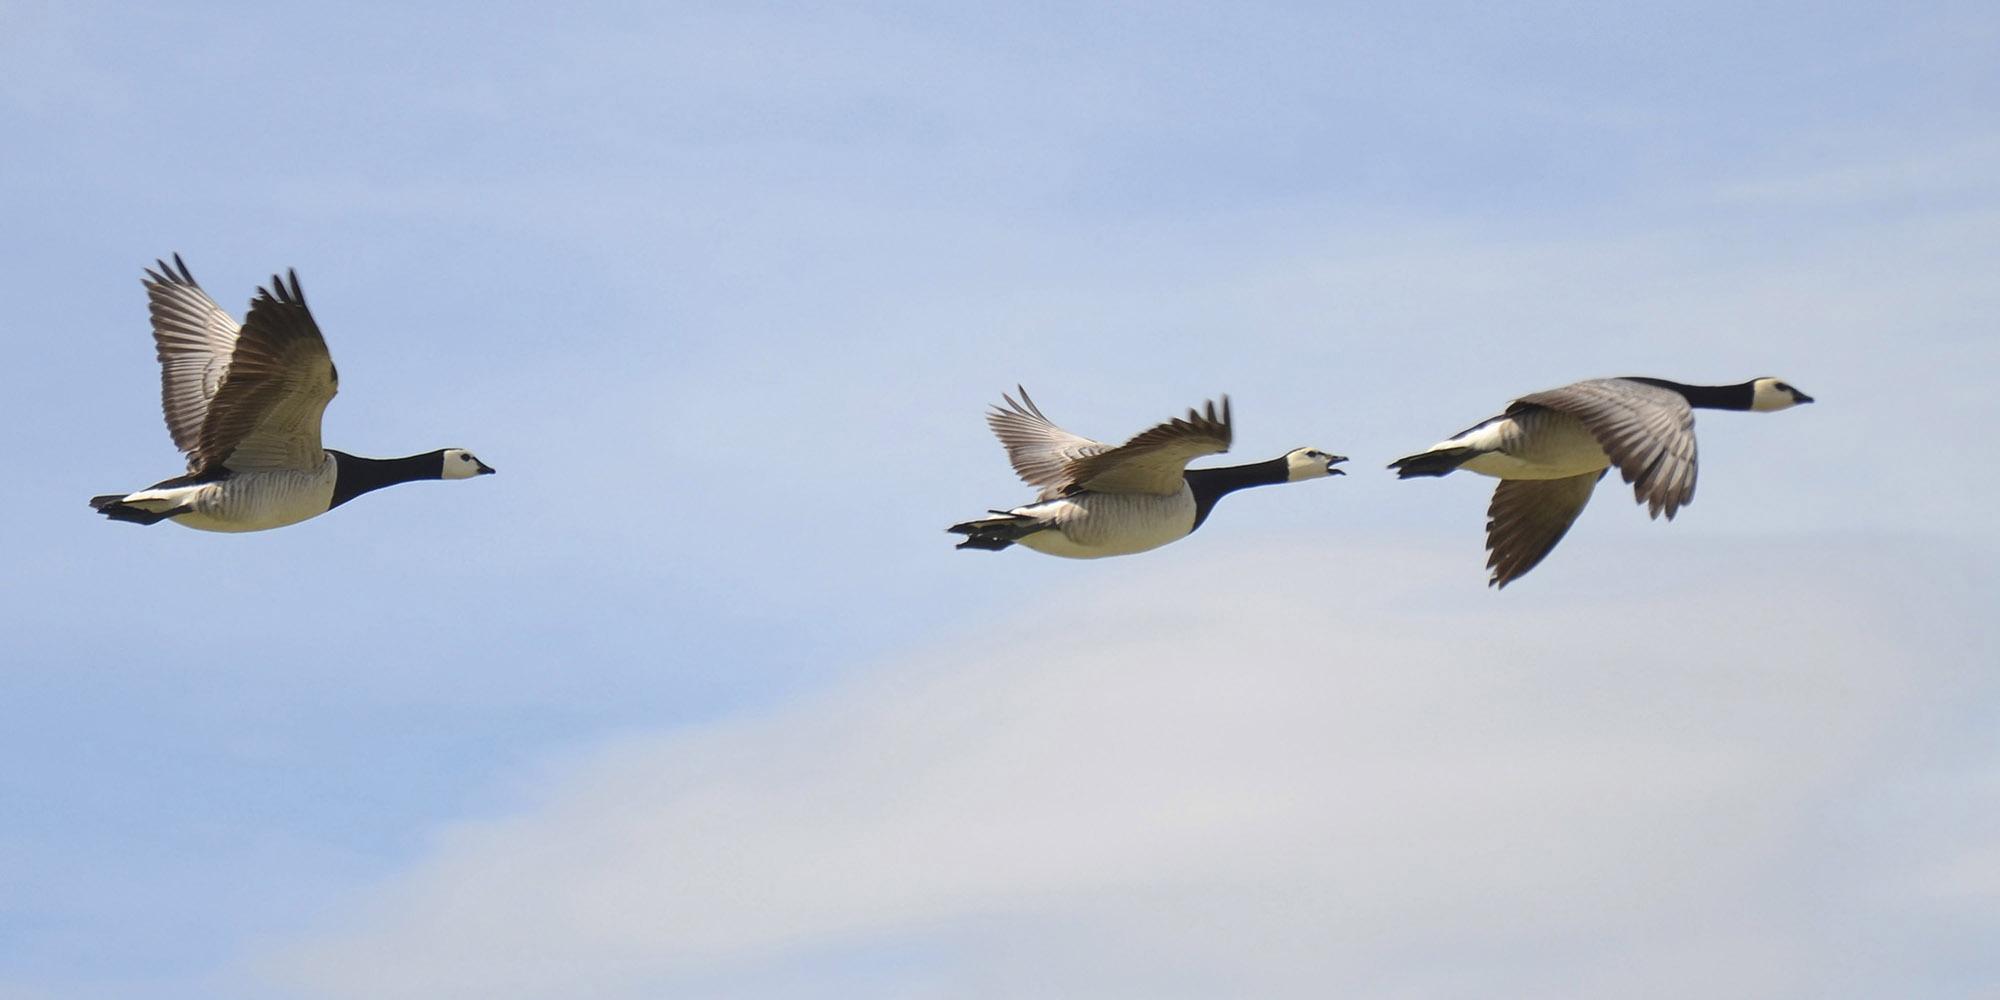 """""""Før fuglene kommer"""" er et nasjonalt prosjekt som har som mål å rydde sjøfuglenes hekkeområder før de kommer på våren. Her en liten flokk hvitkinngjess."""